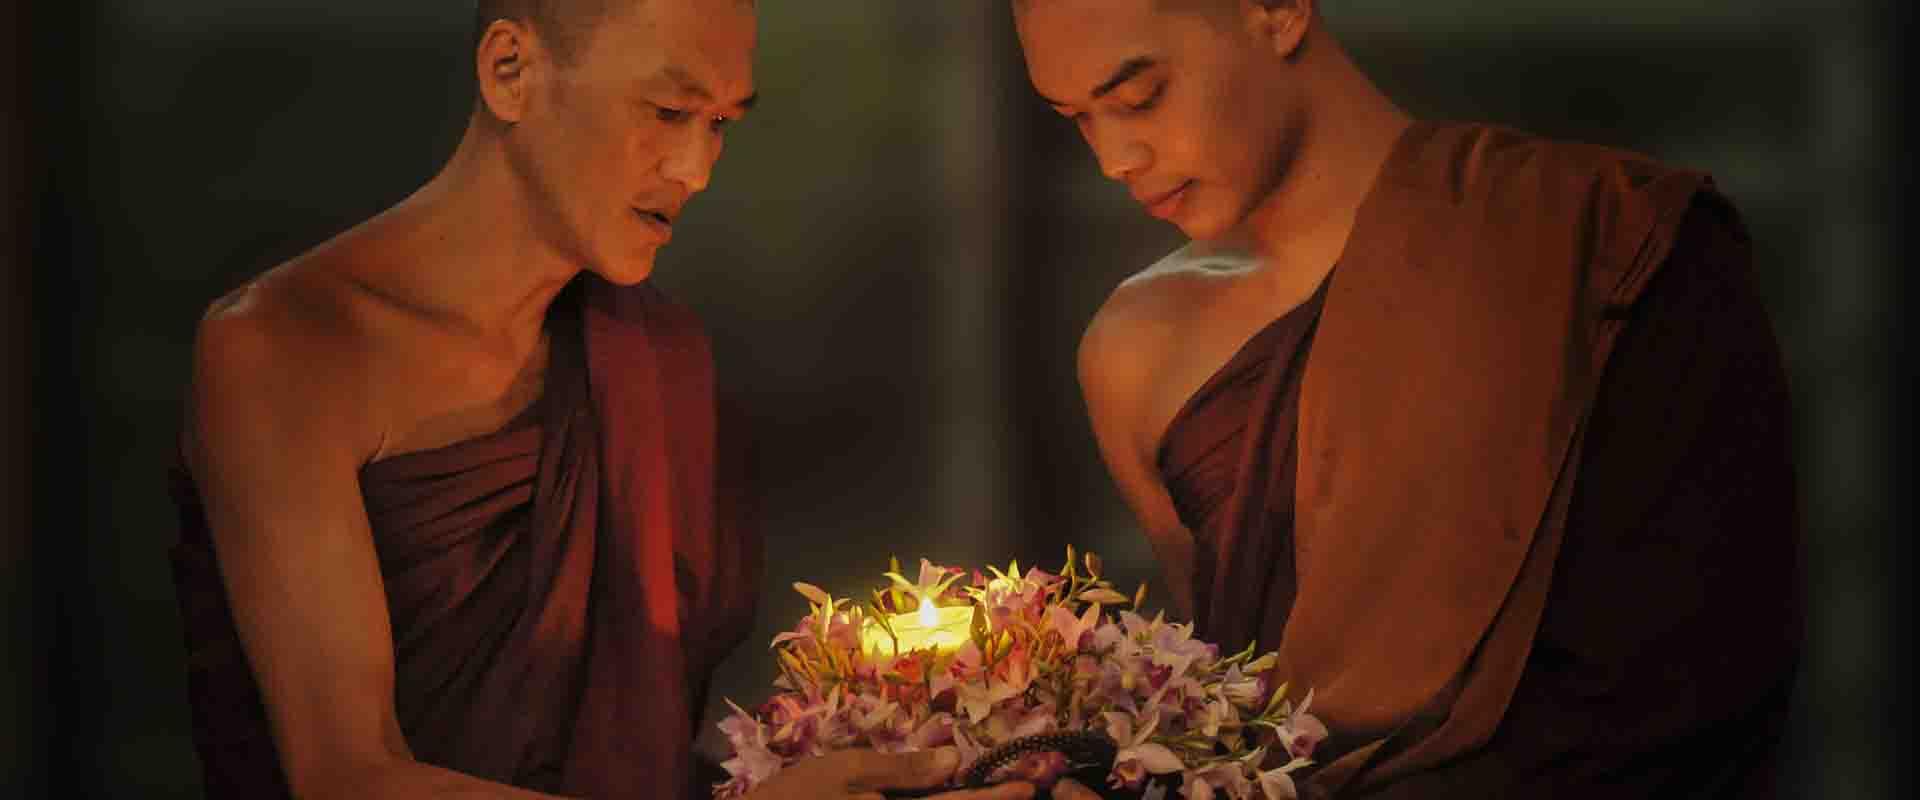 saggezza monaci stabilità ed equilibrio Yin e Yang centro di meditazione Zorba Il Buddha